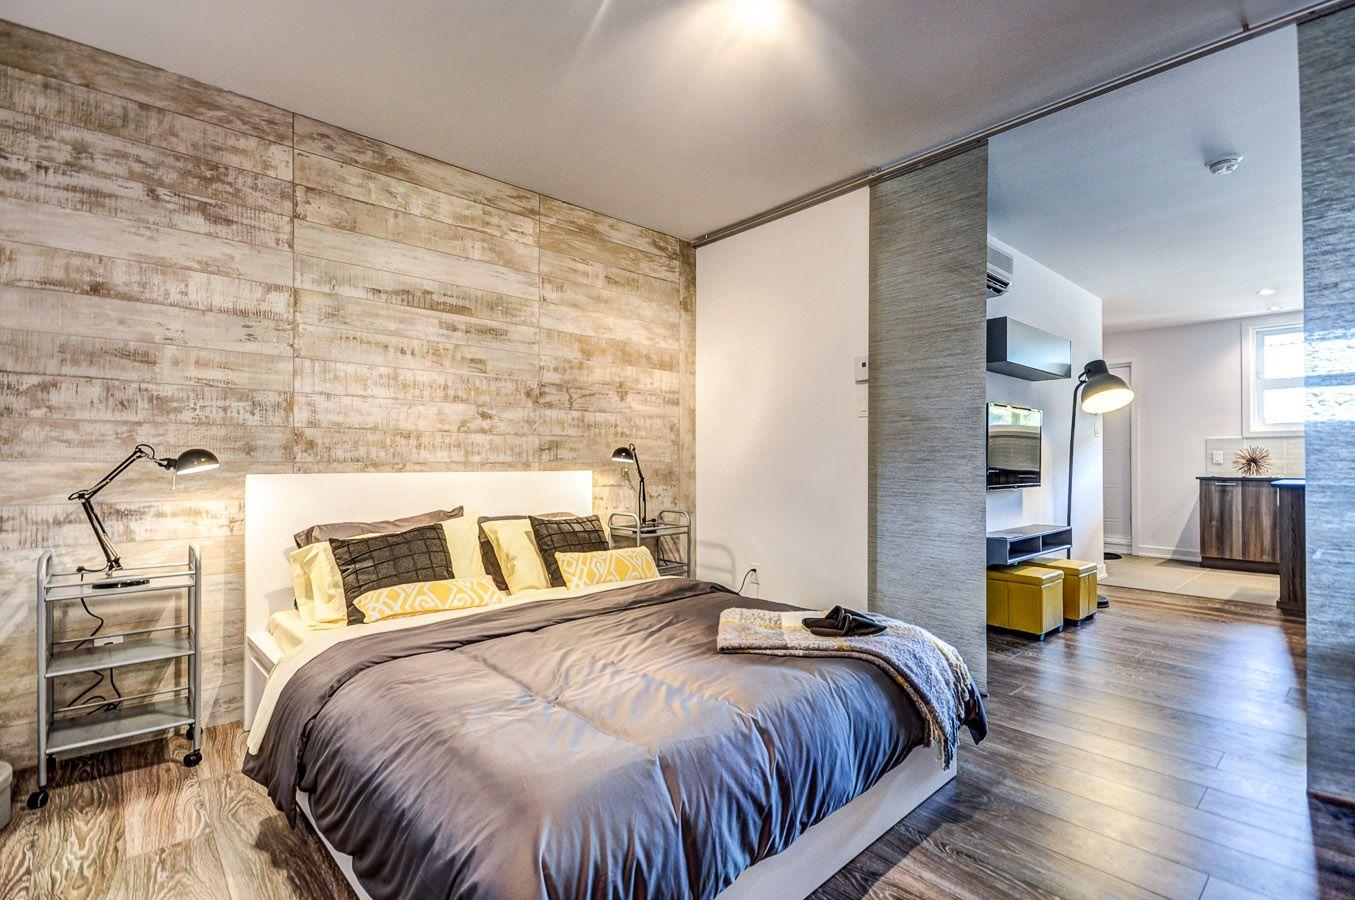 Chambre de loft avec mur de palettes de bois  Y Condos  Lofts en 2019  Loft Condo et Home Decor